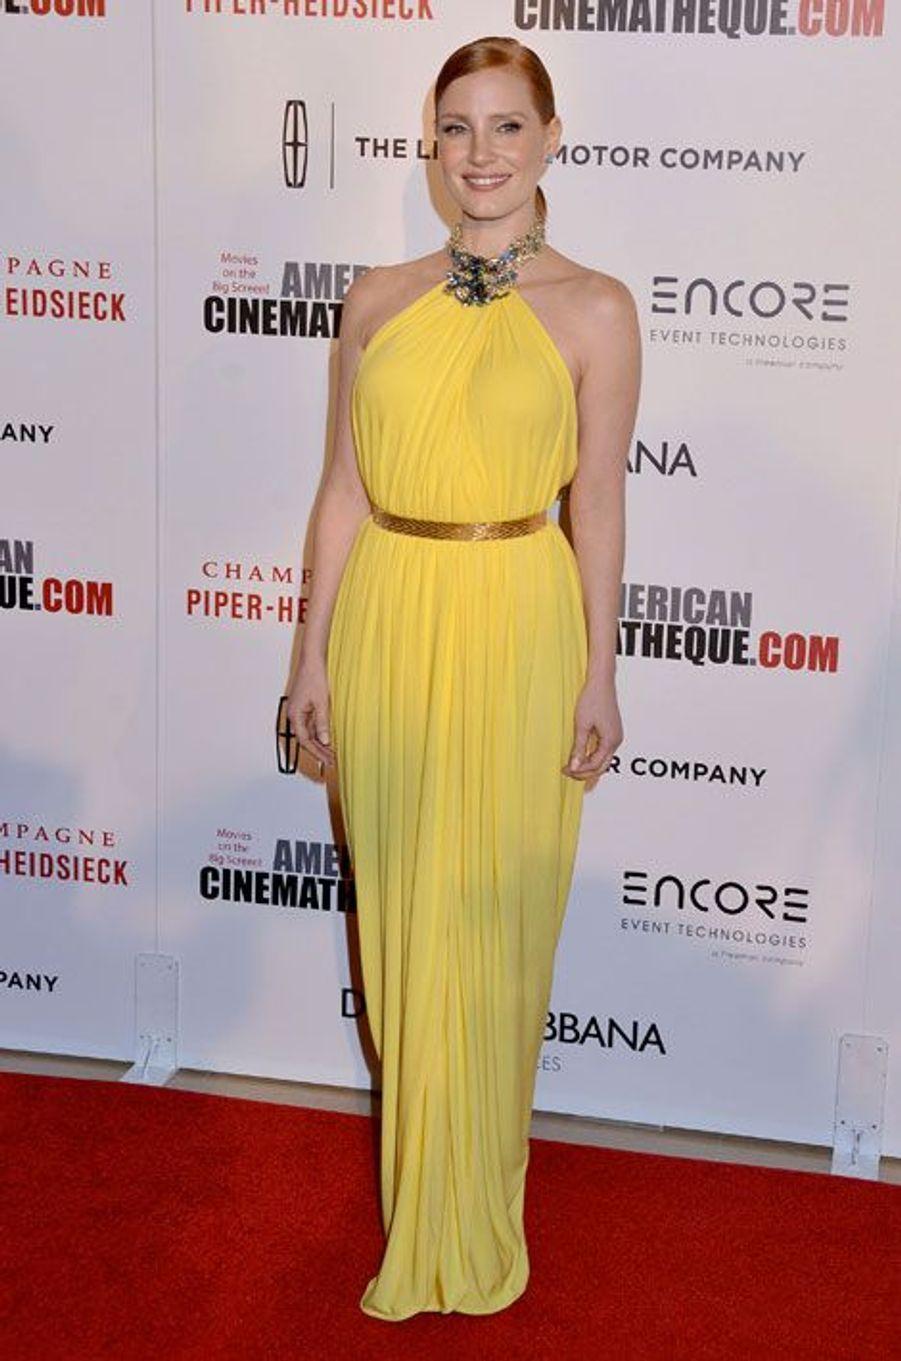 L'actrice américaine Jessica Chastain lors de la soirée American Cinematheque awards, en Californie le 21 octobre 2014